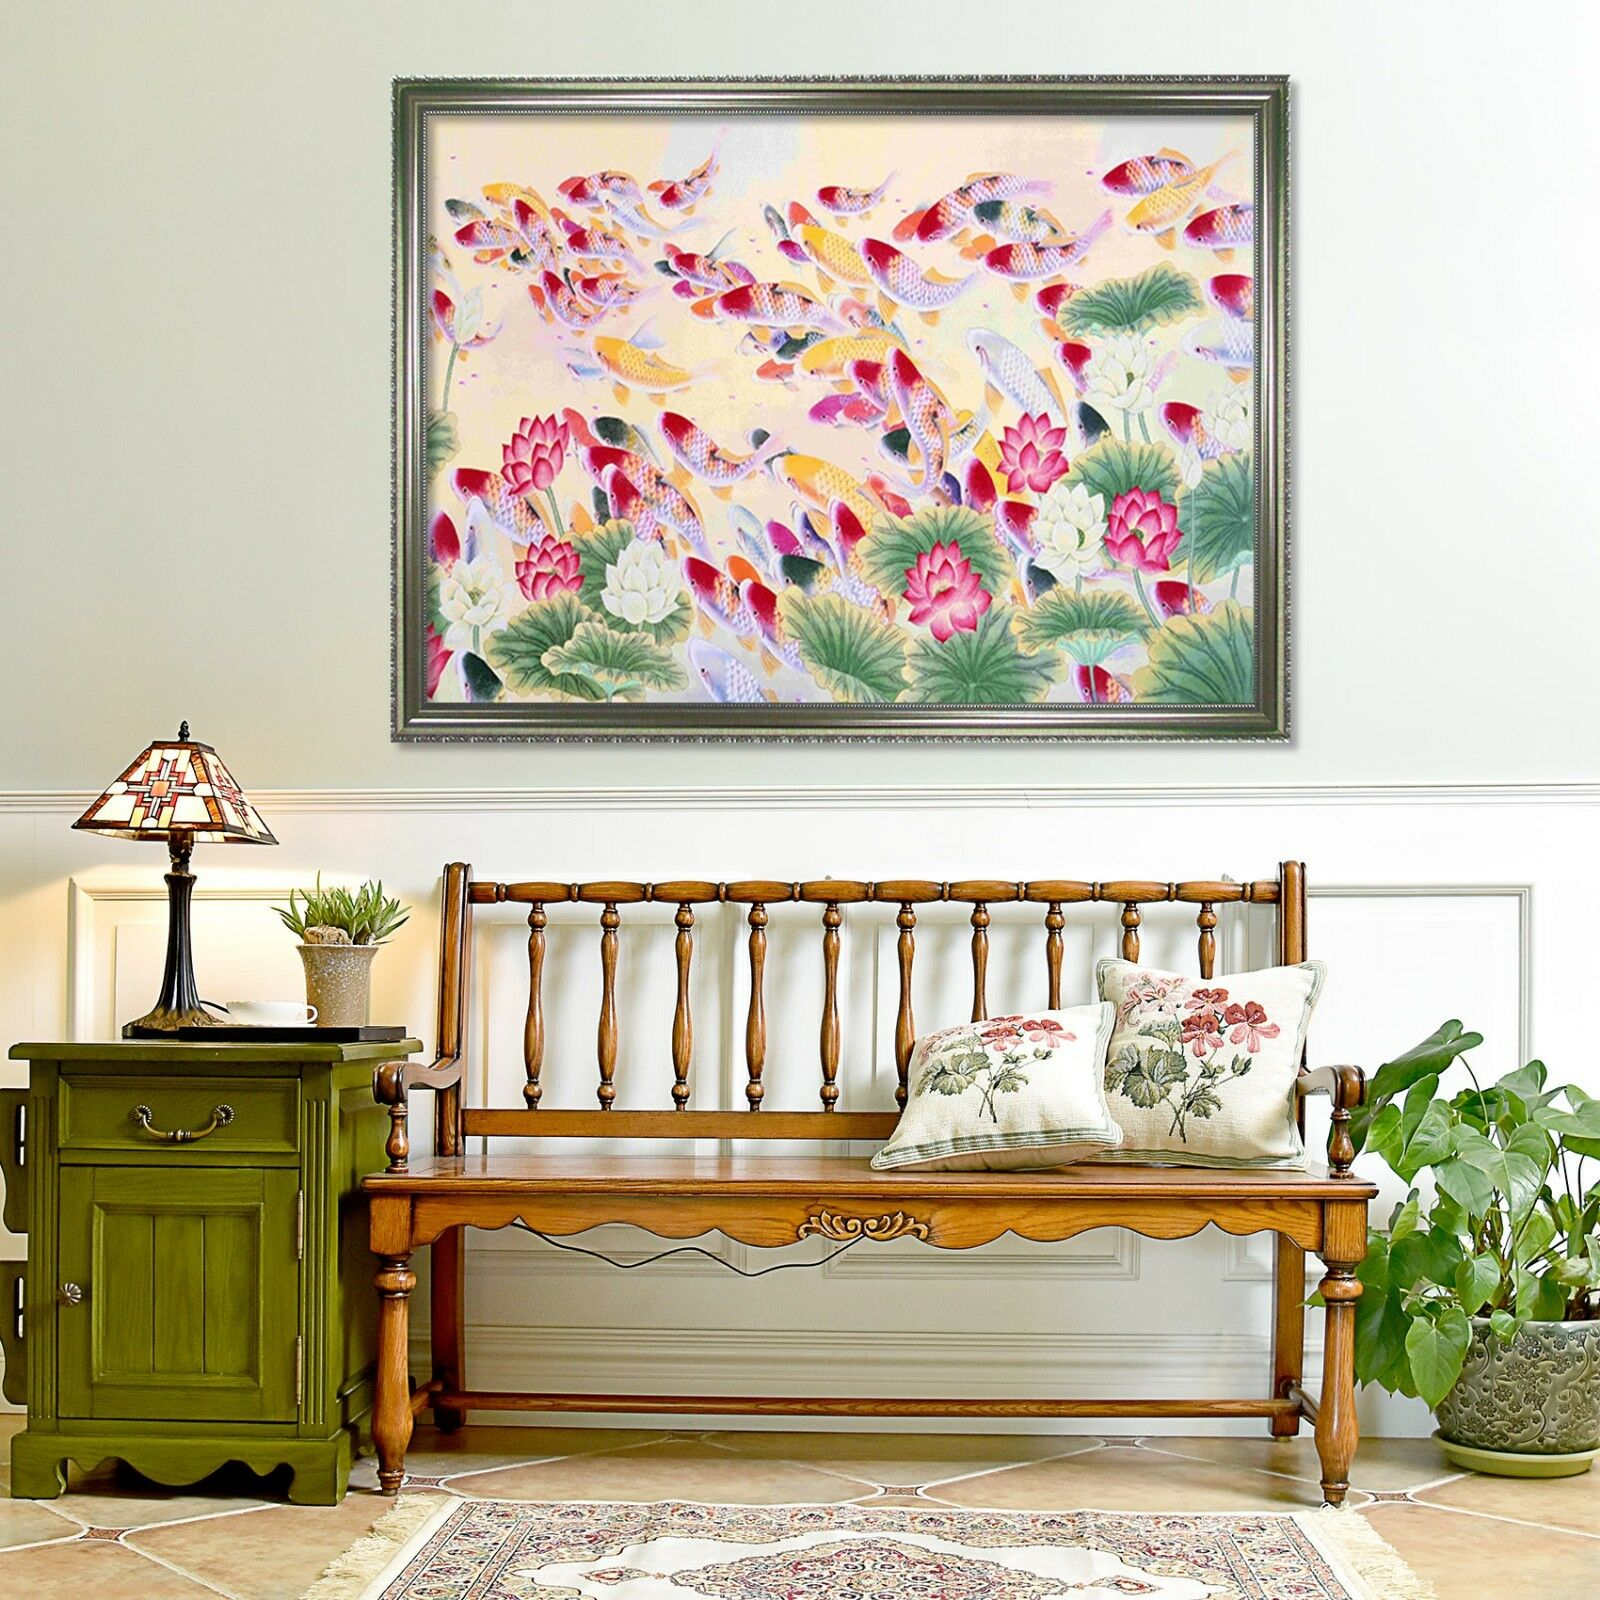 3D Koi Group Lotus Pond 2 Framed Poster Home Decor Drucken Painting Kunst WandPapier